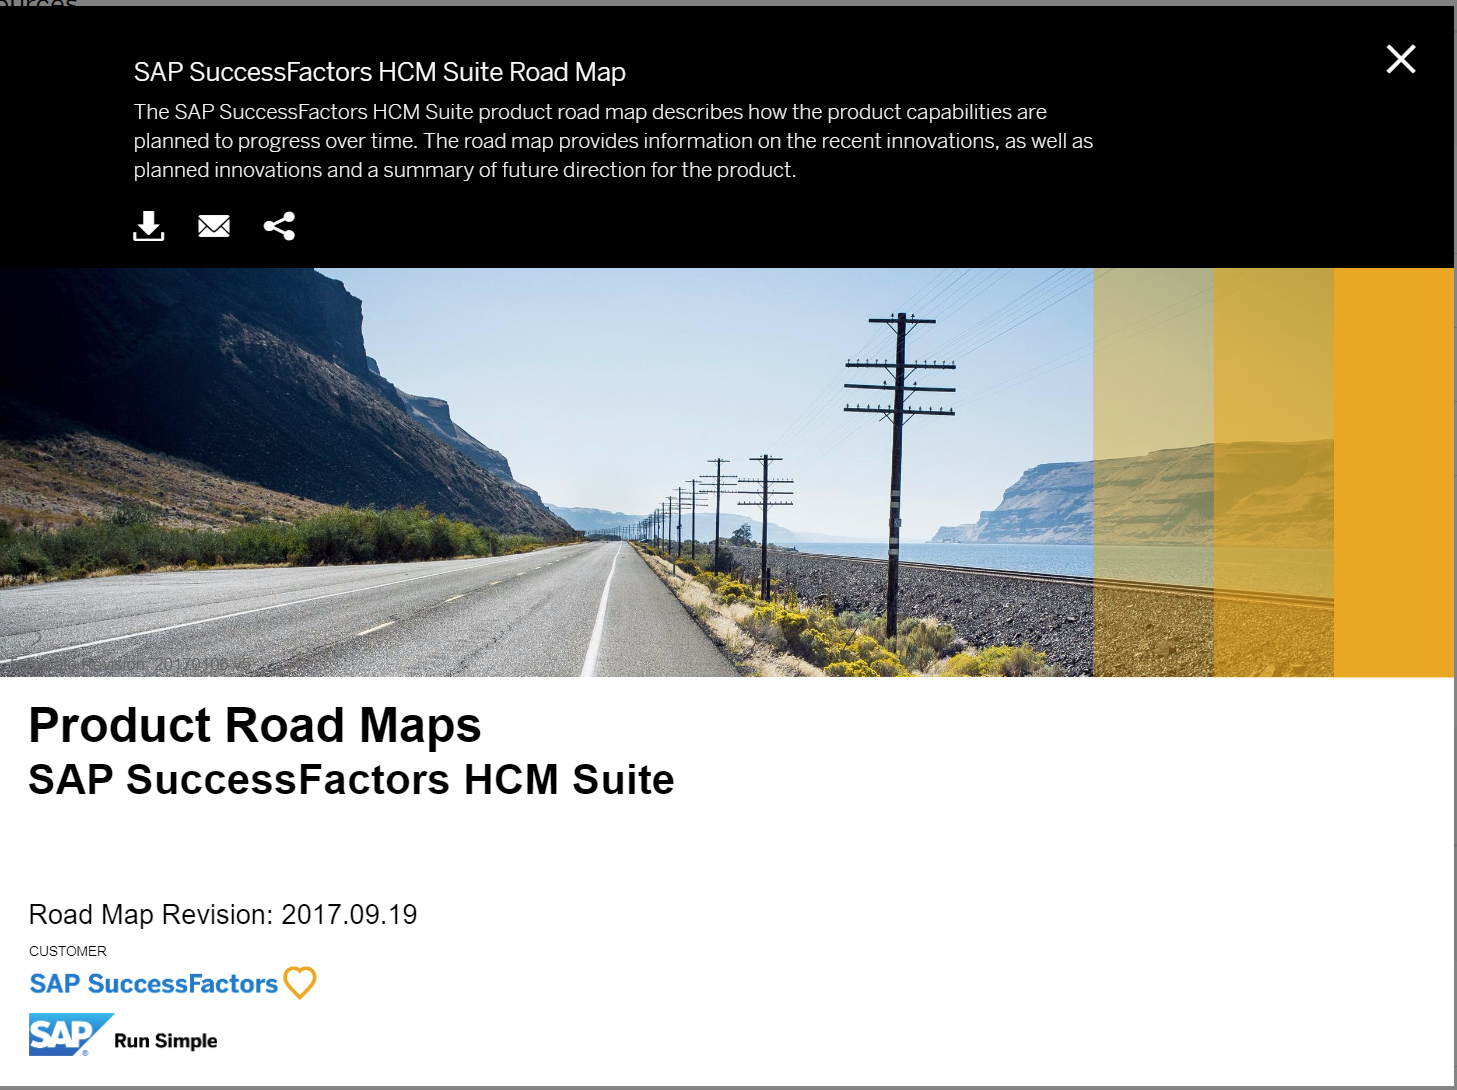 SAP SuccessFactors HCM Suite Road Map